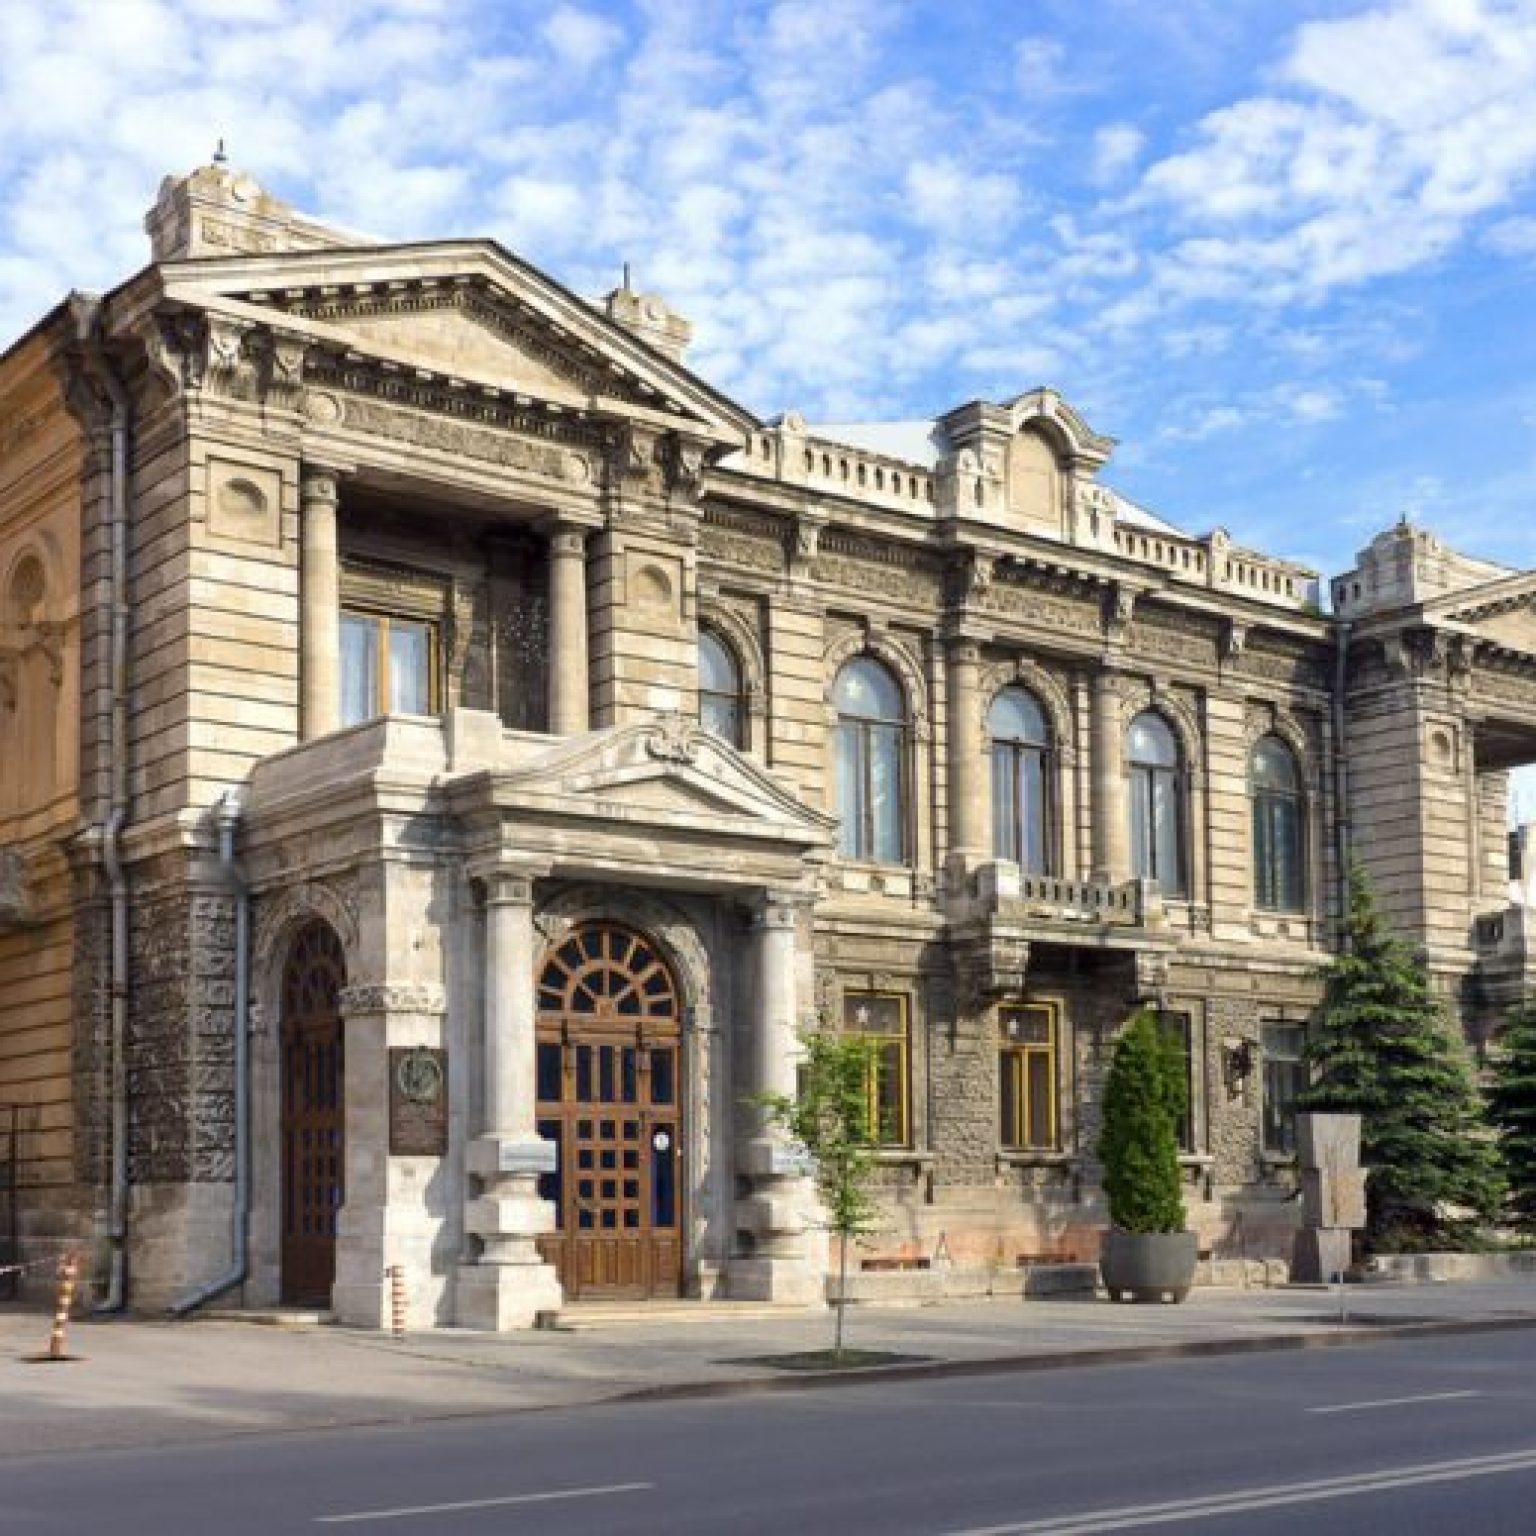 Достопримечательности Самары: особняк Наумова